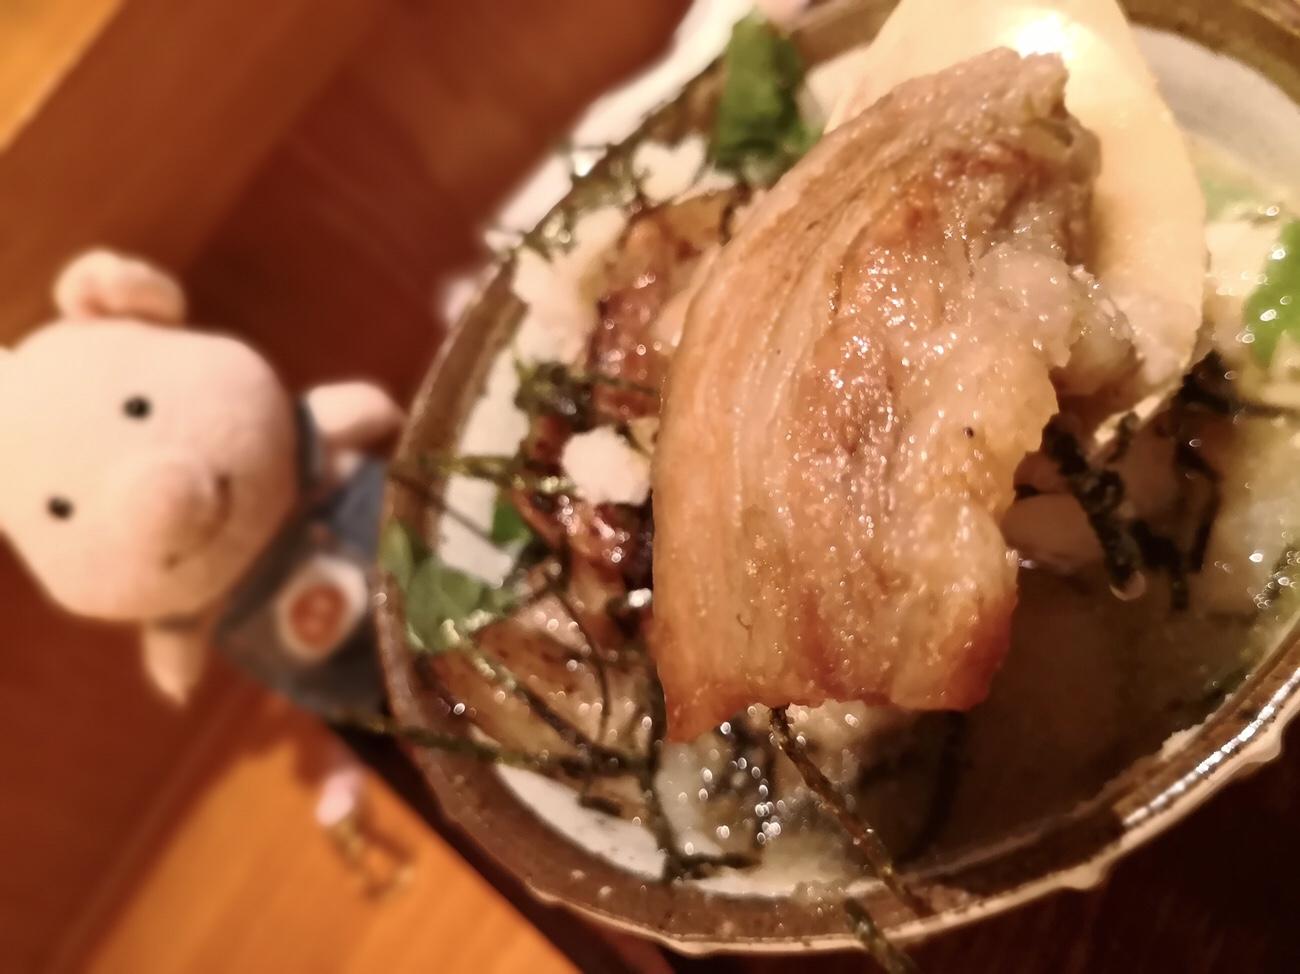 壌大手町ランチ豚丼最高に美味しい 豚茶 ランチメニュー